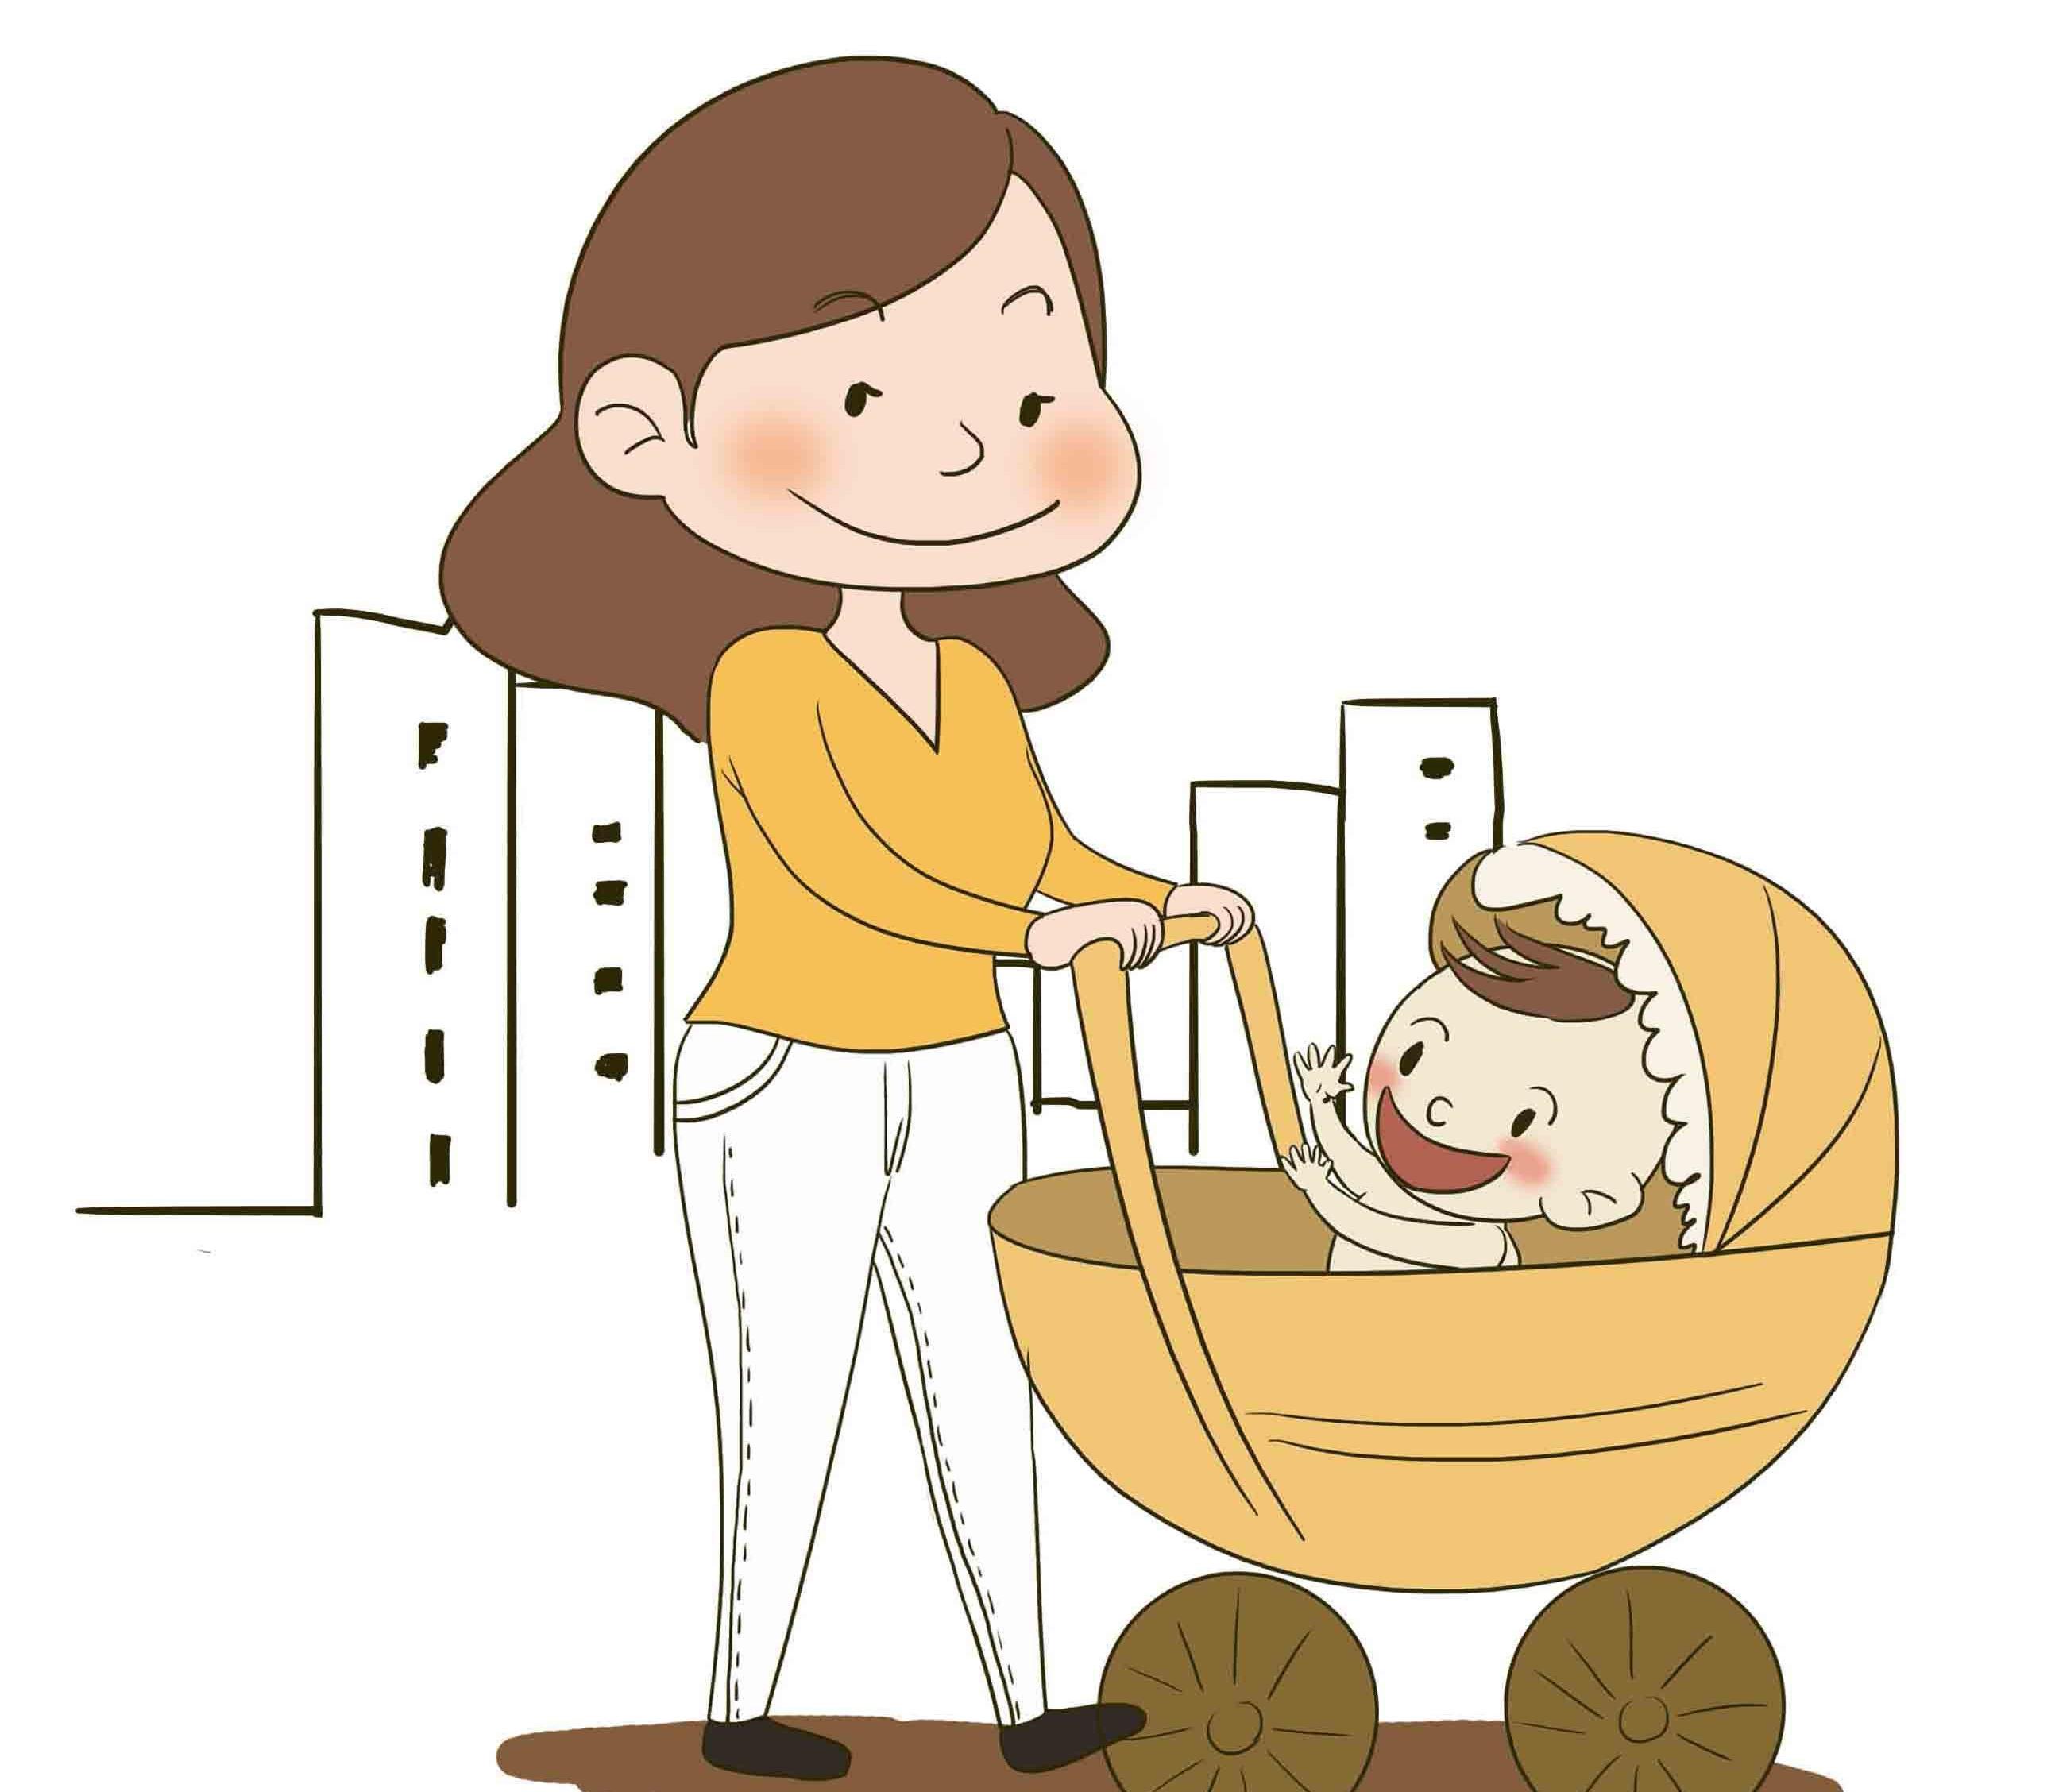 Bố mẹ không nên cho trẻ ngồi xe đẩy quá sớm